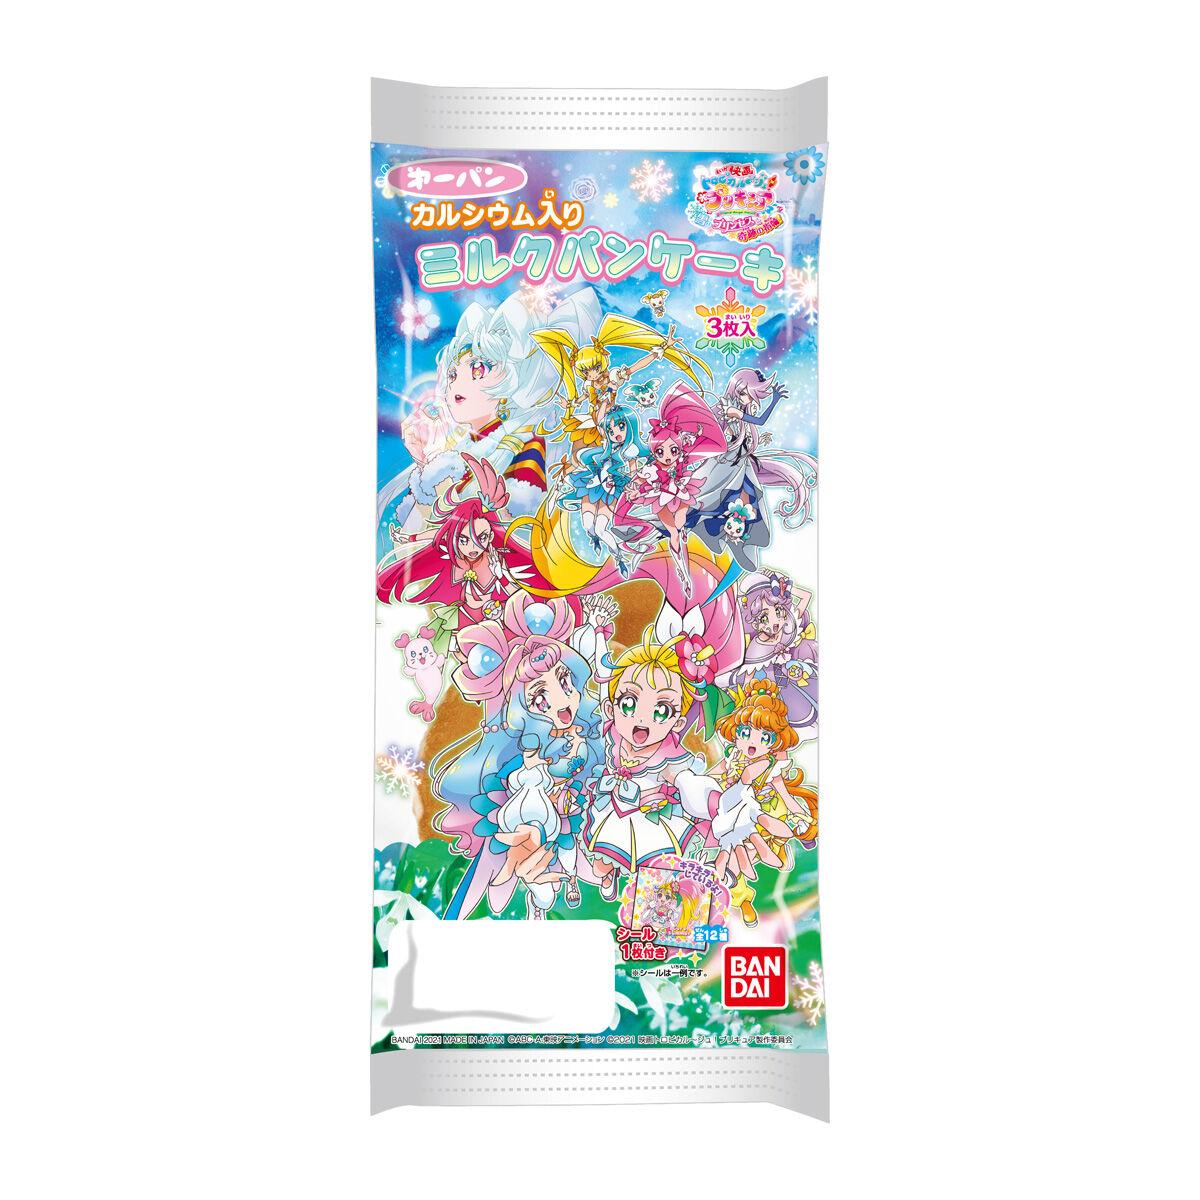 トロピカル~ジュ!プリキュア  ミルクパンケーキ3枚入_0